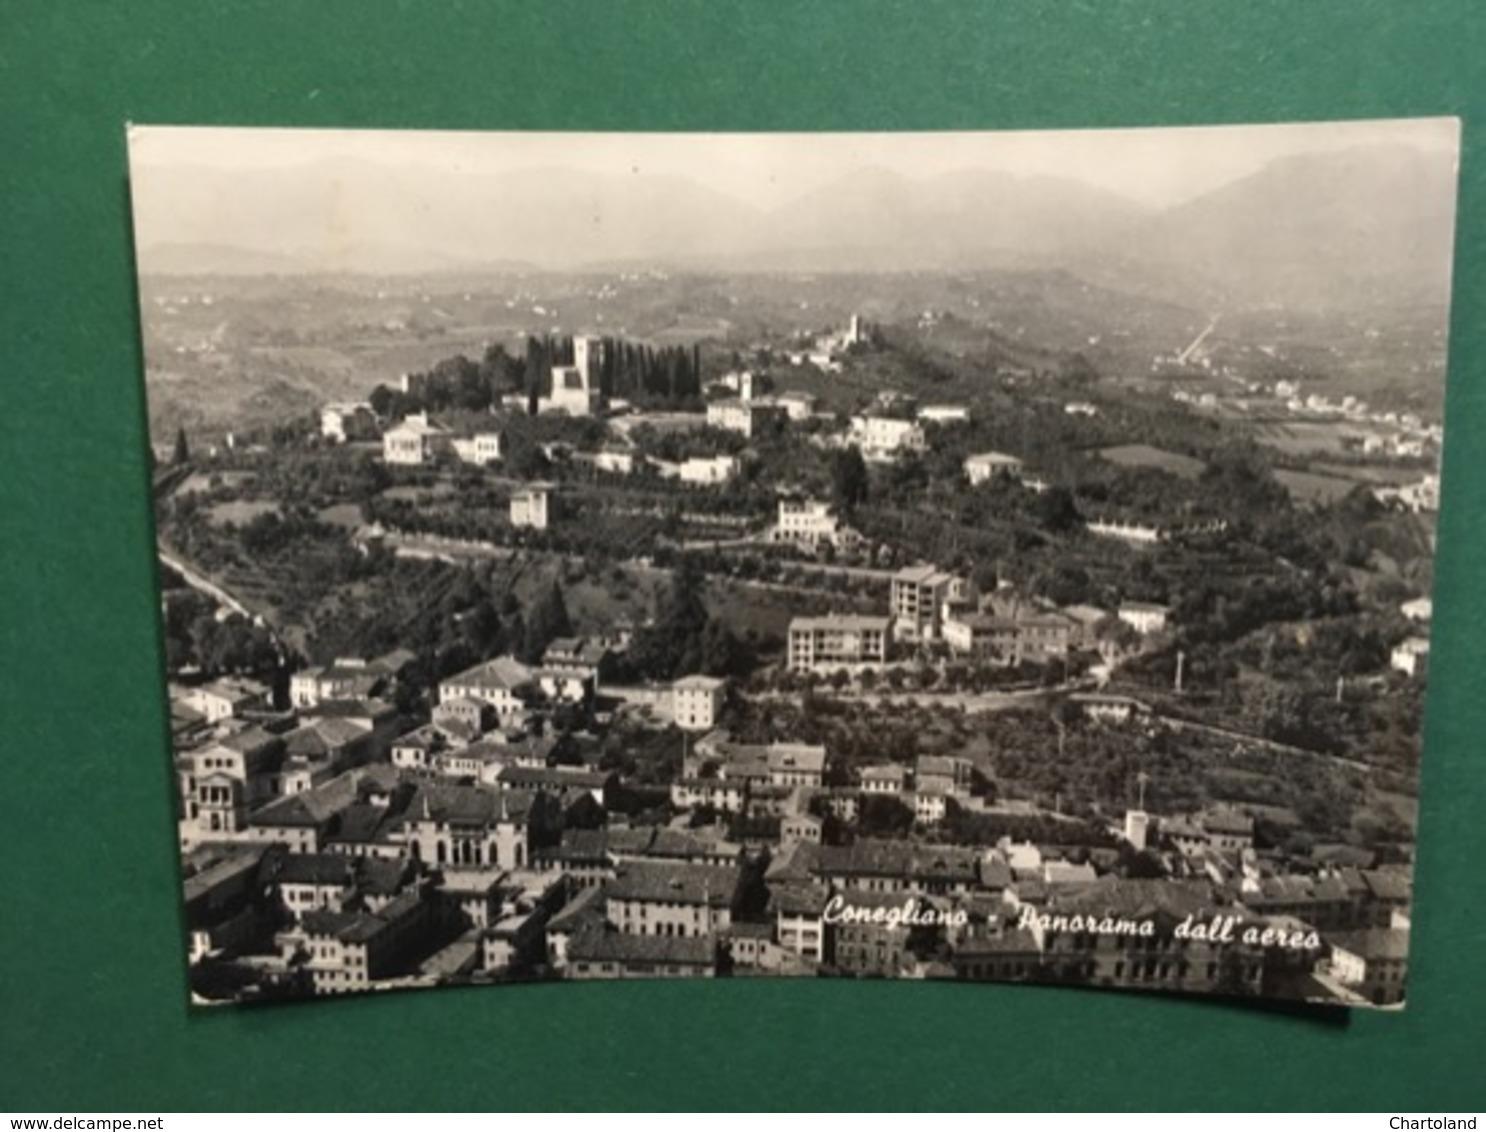 Cartolina Conegliano - Panorama Dall'aereo - 1957 - Treviso